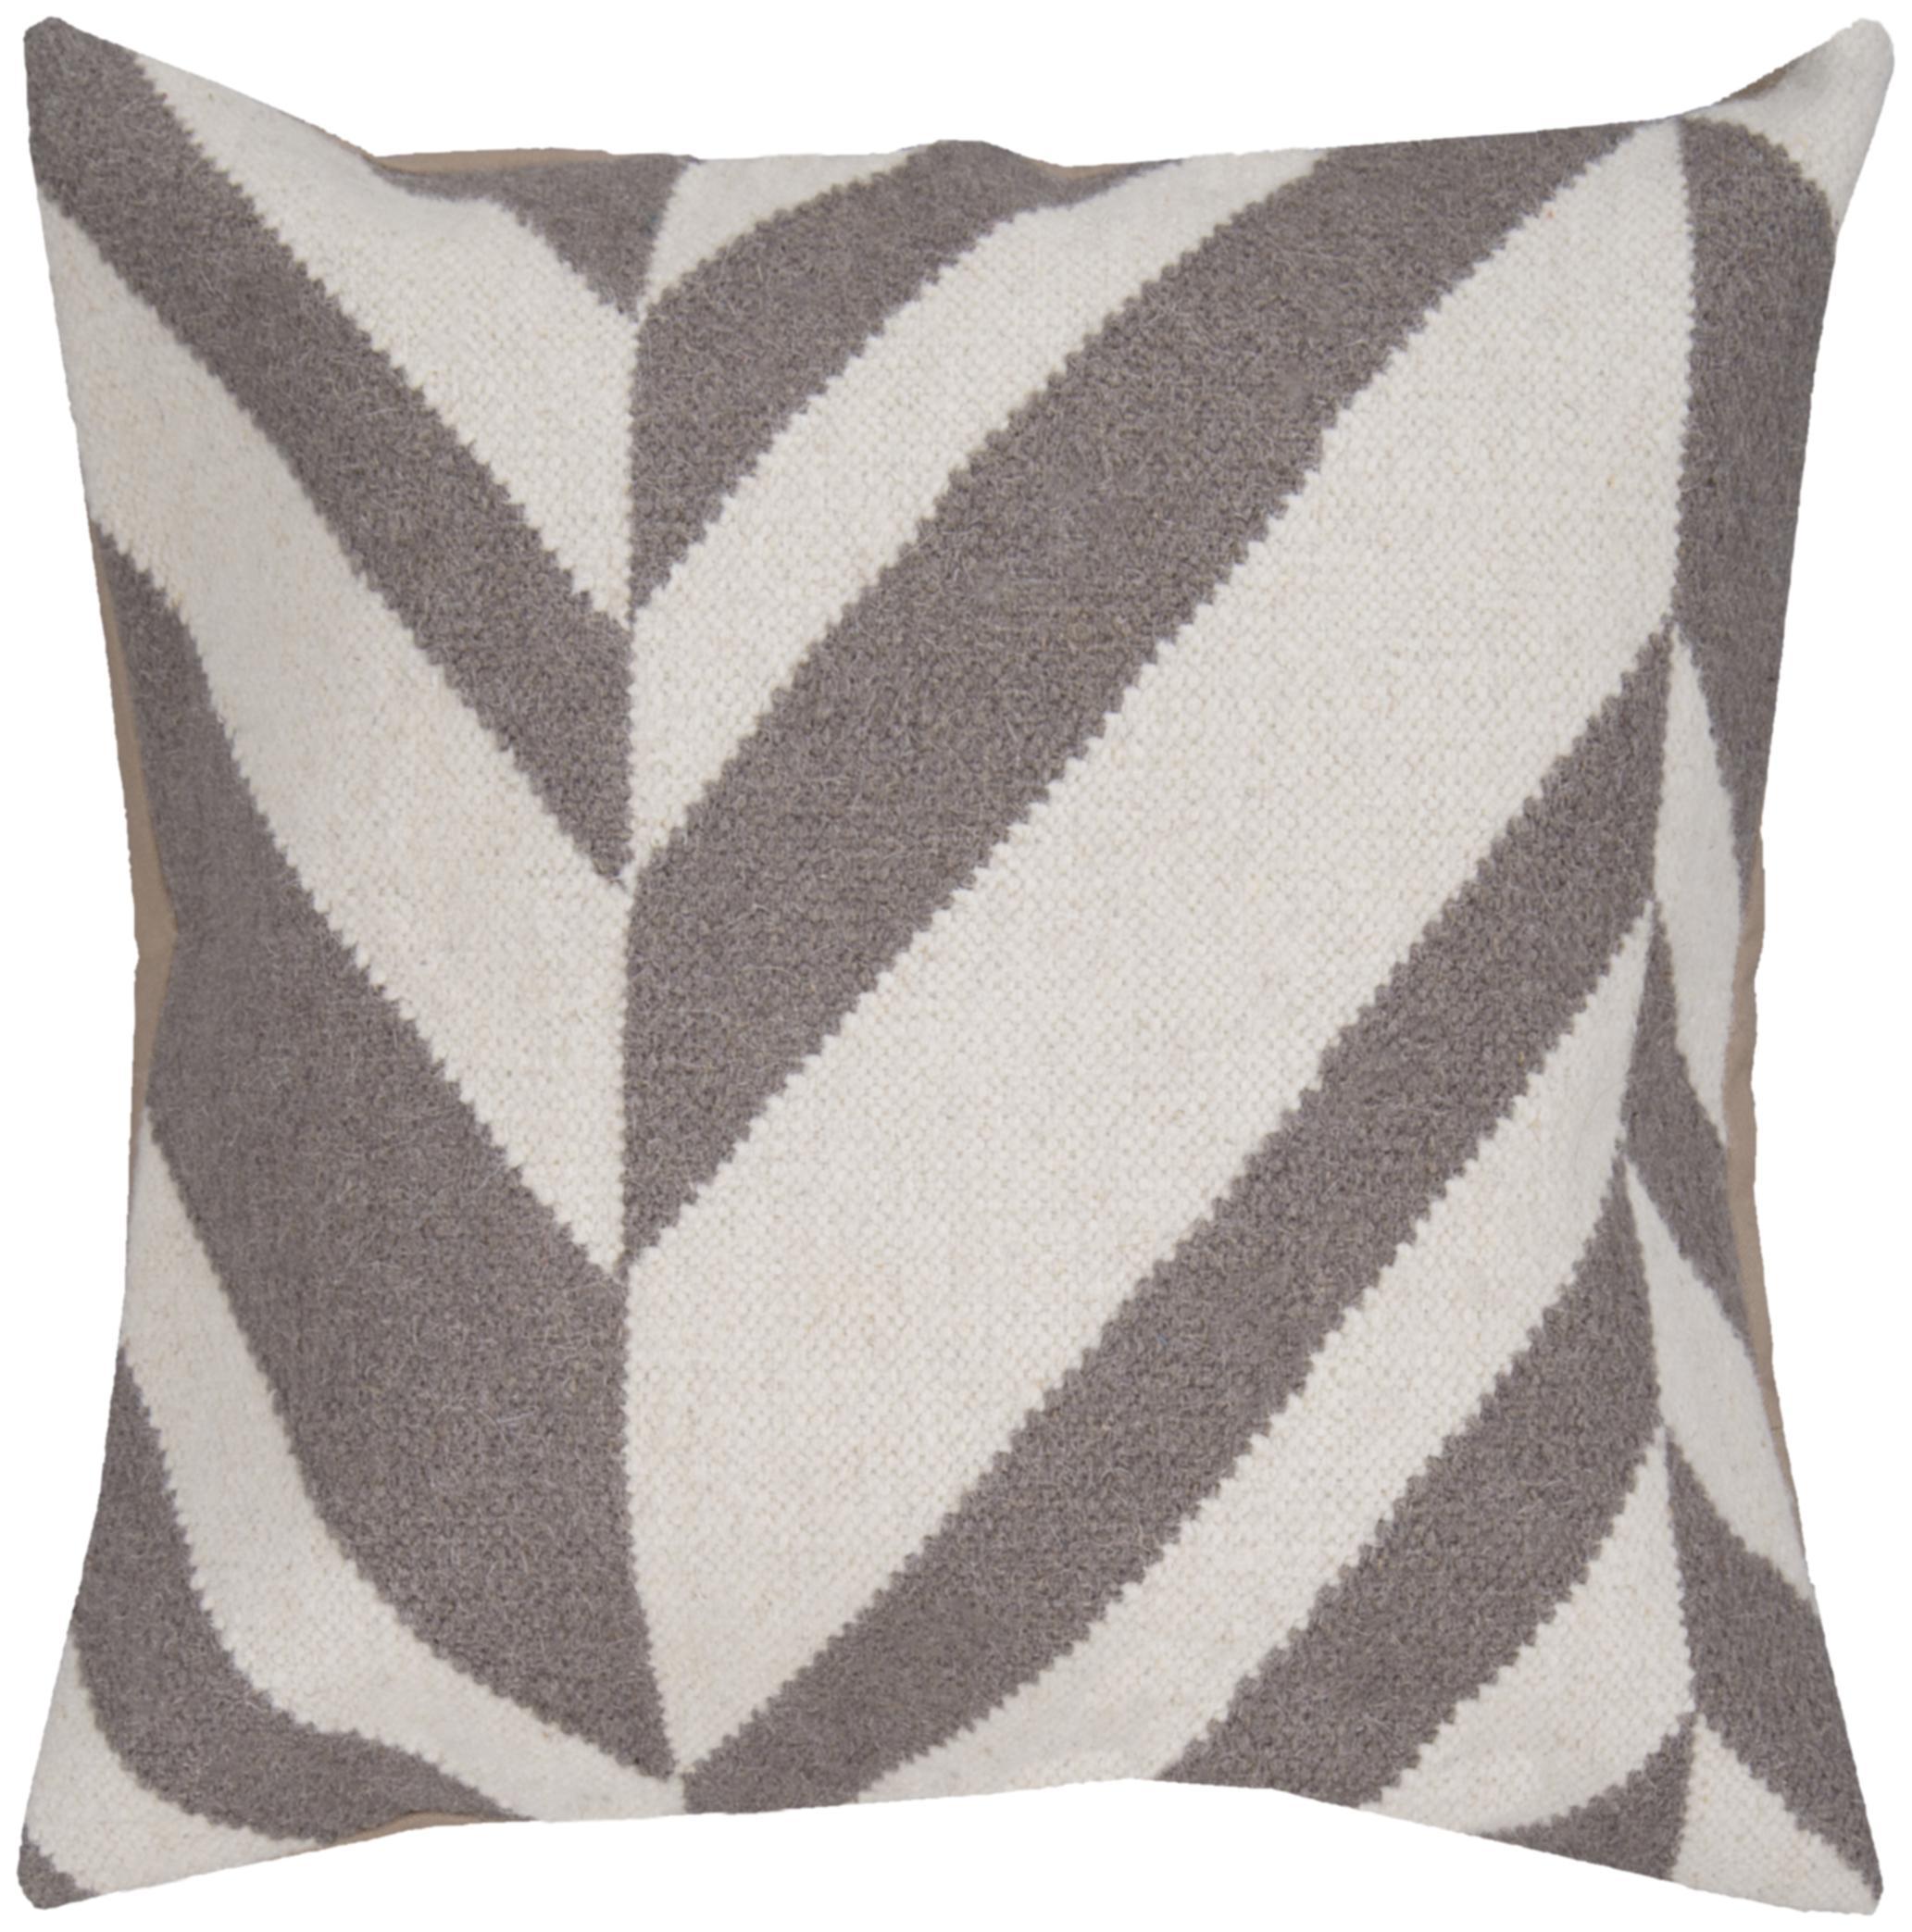 """Surya Rugs Pillows 22"""" x 22"""" Pillow - Item Number: FA035-2222P"""